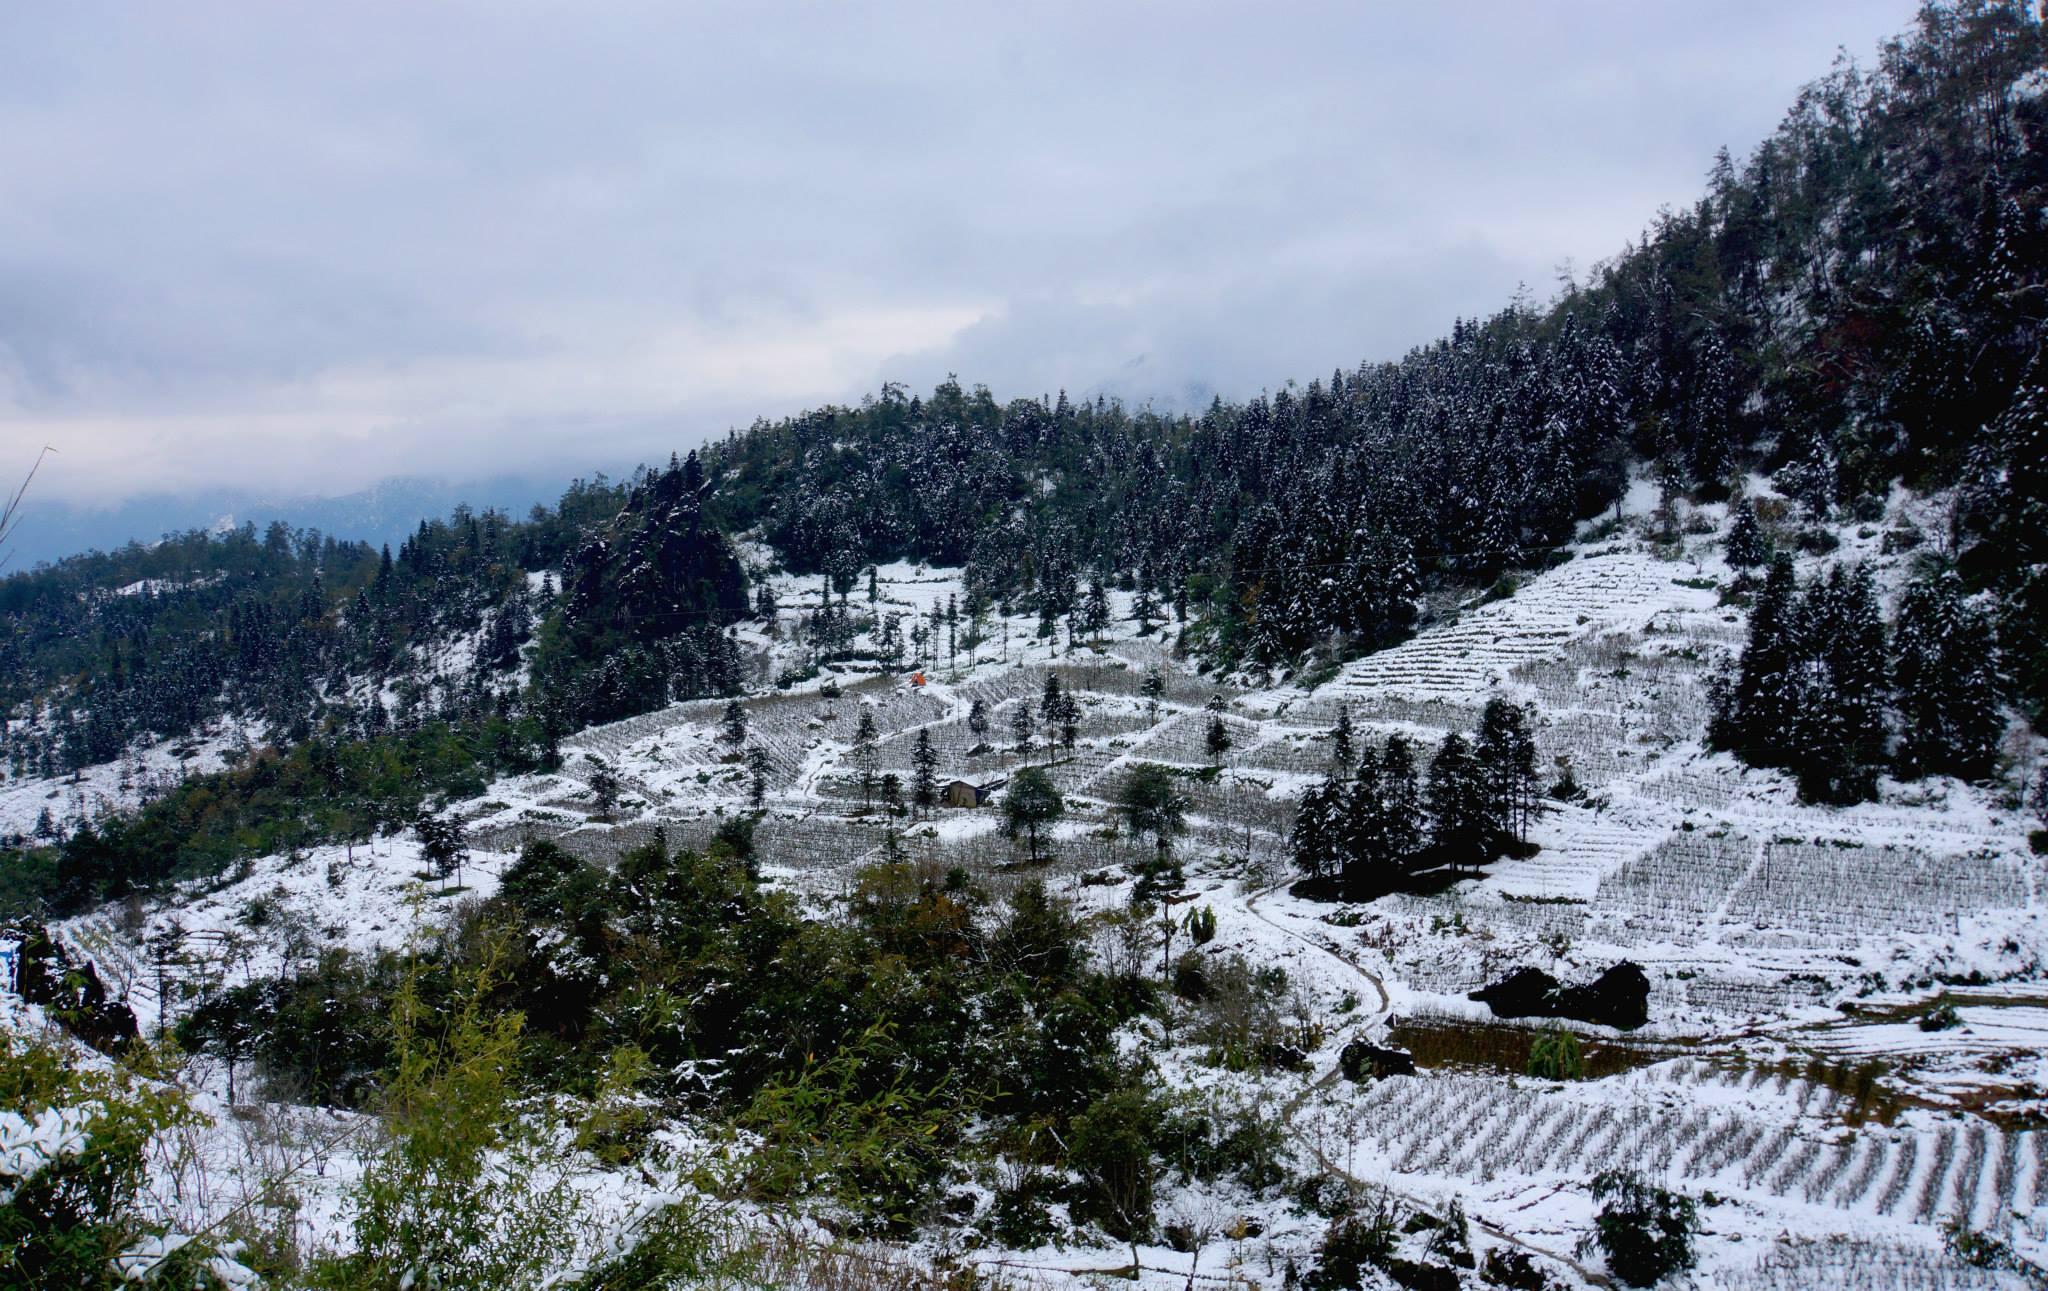 The unique landscapes in Sapa in winter